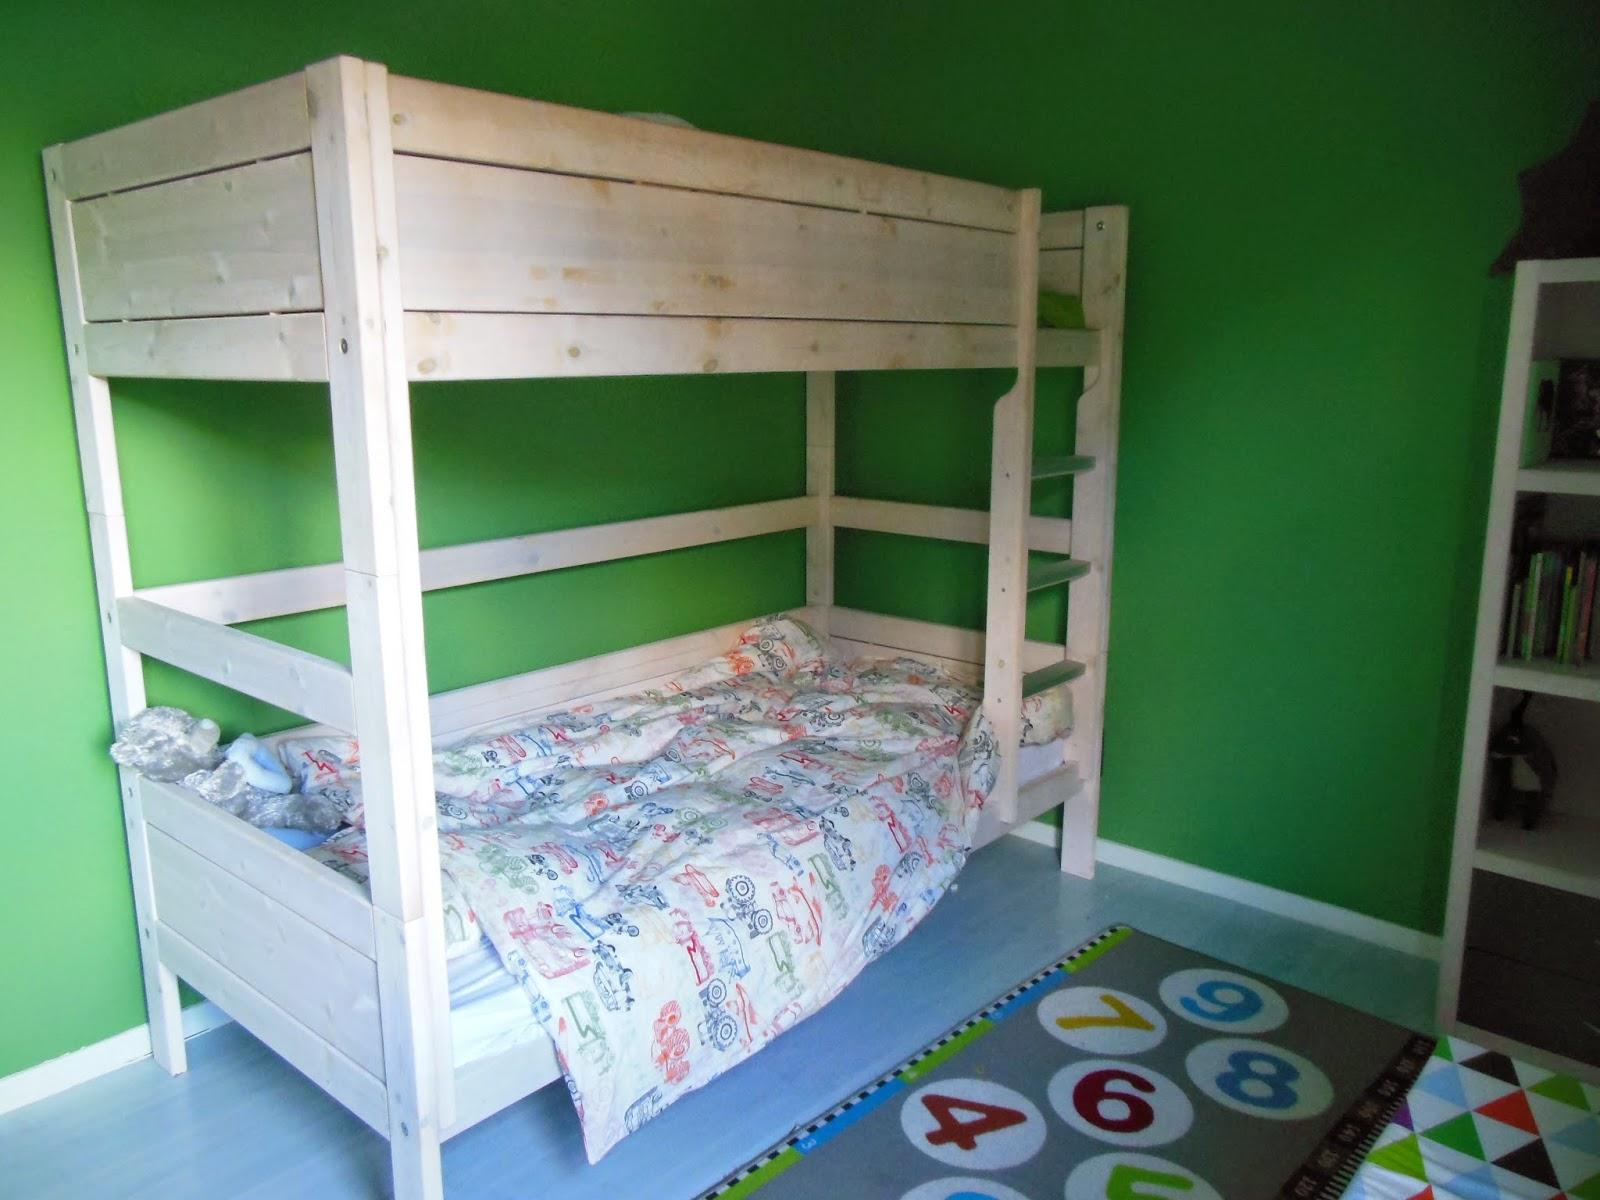 Slapen in een groot gezin de vijf jongsten - Kleur kamer volwassen foto ...